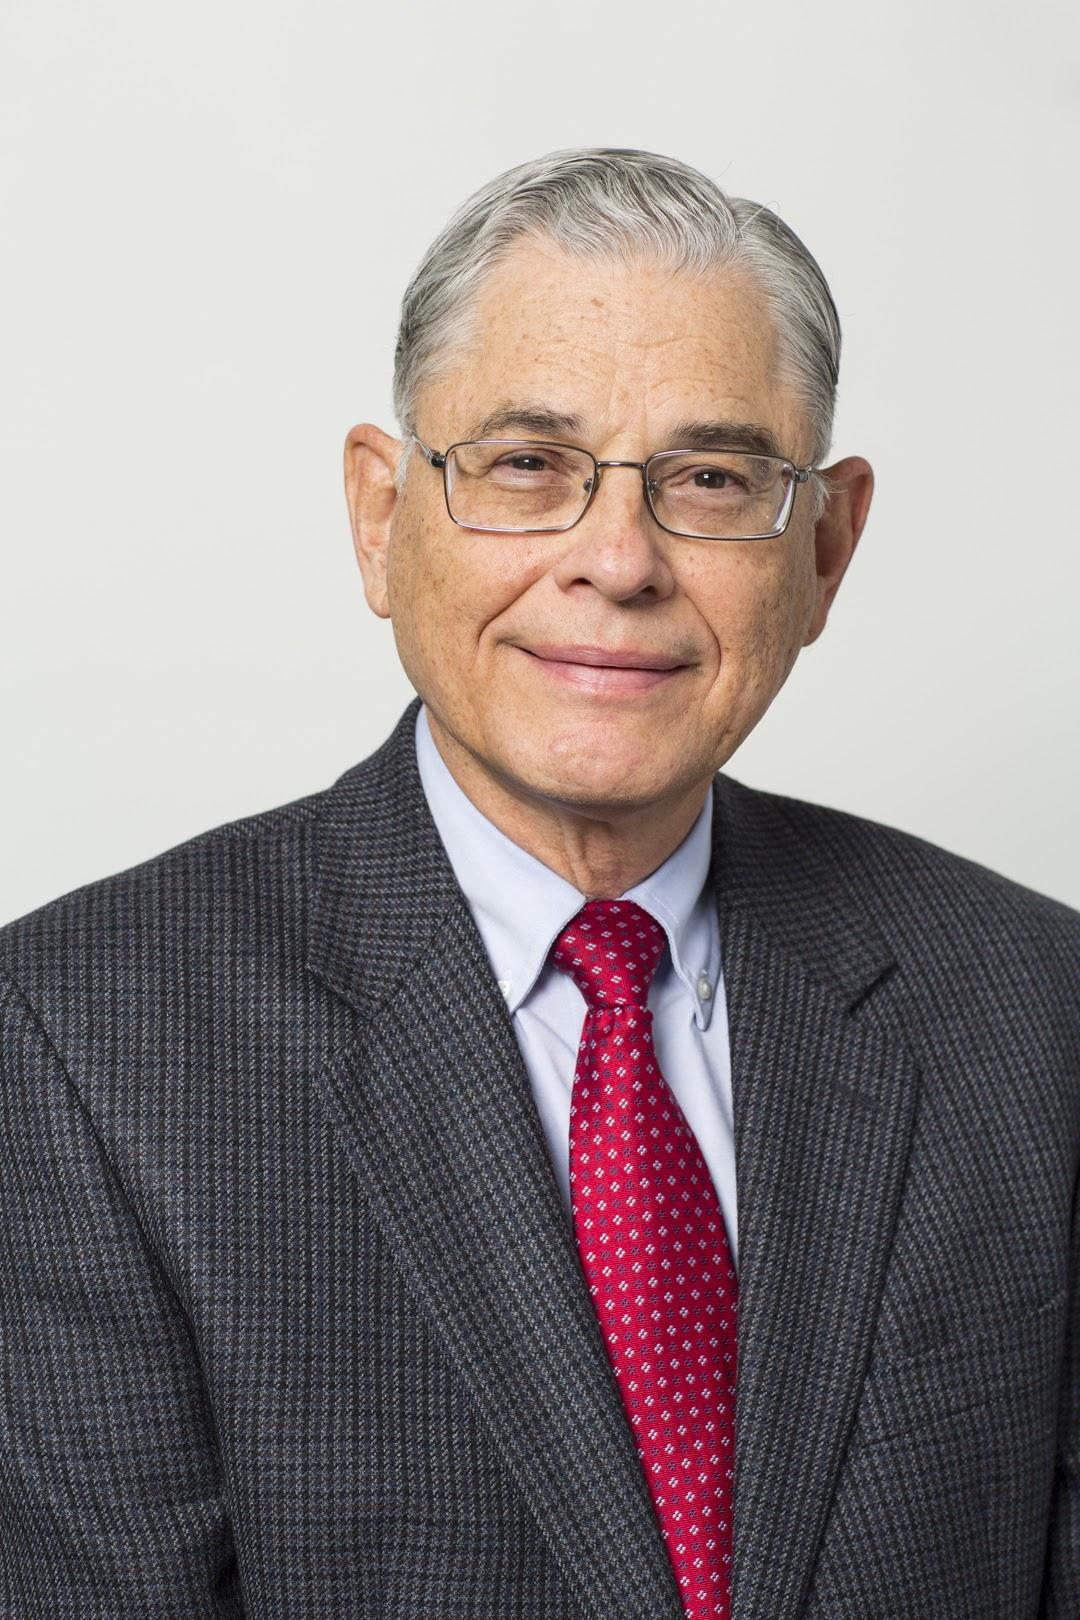 Dean John Schaufelberger